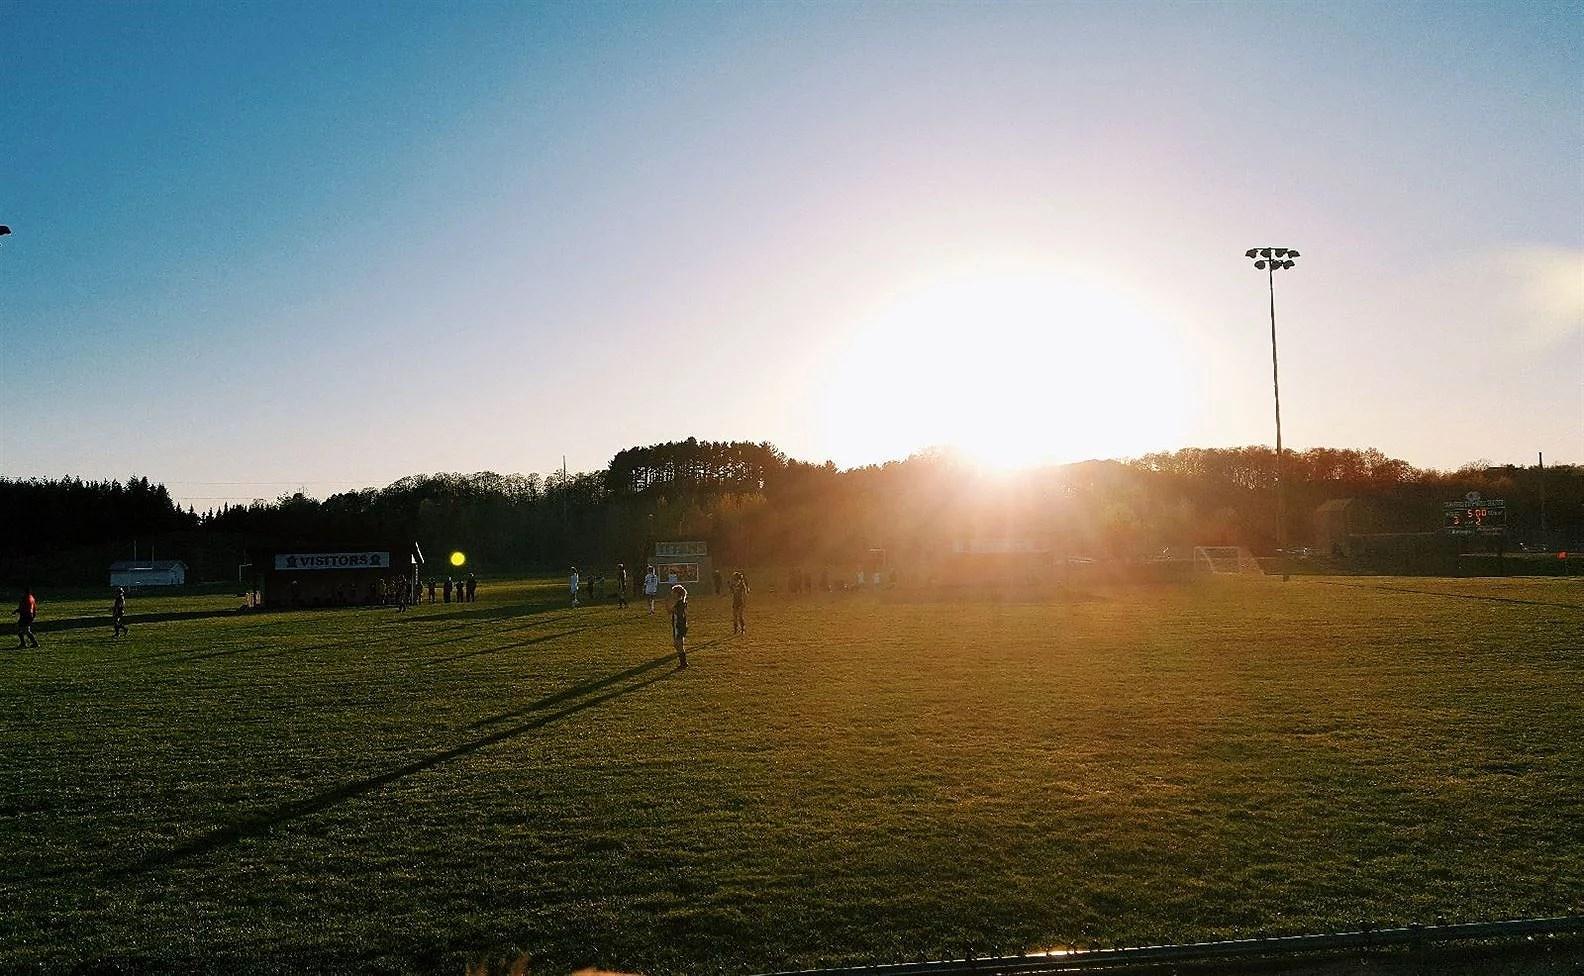 bilolycka och fotboll